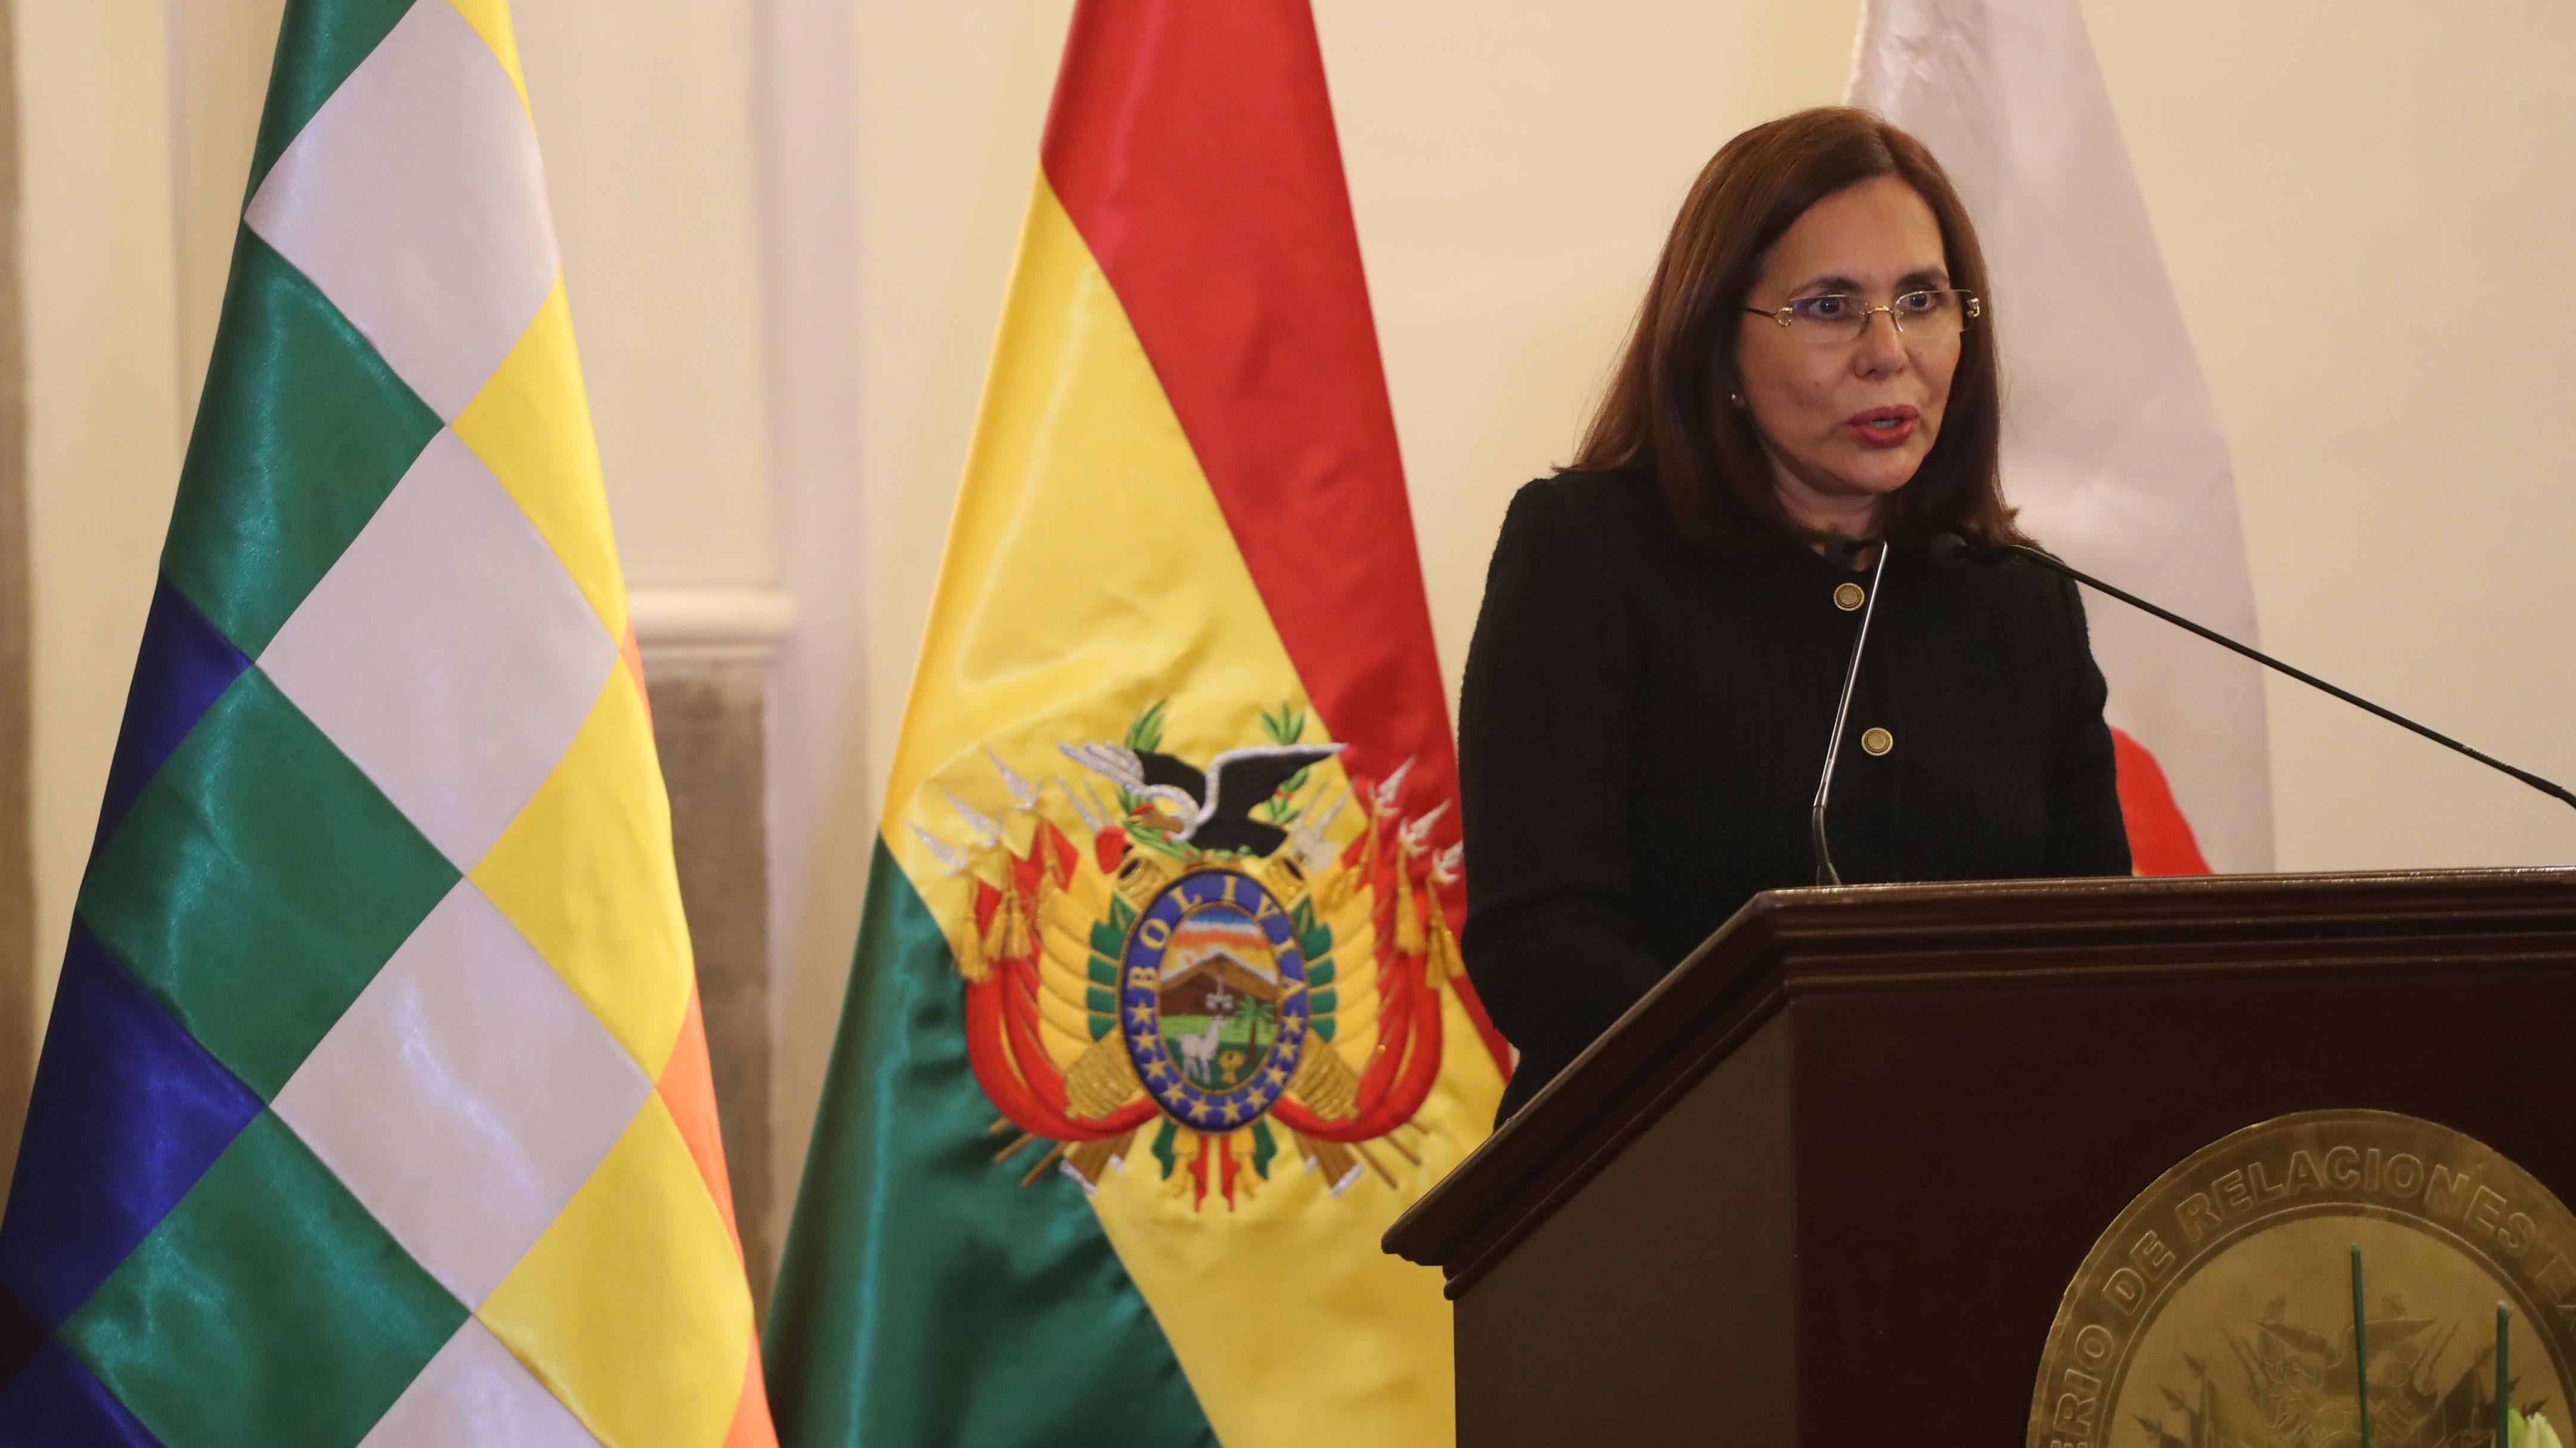 """Nueva canciller de Bolivia anuncia que buscará """"fortalecer"""" las relaciones bilaterales con Chile"""